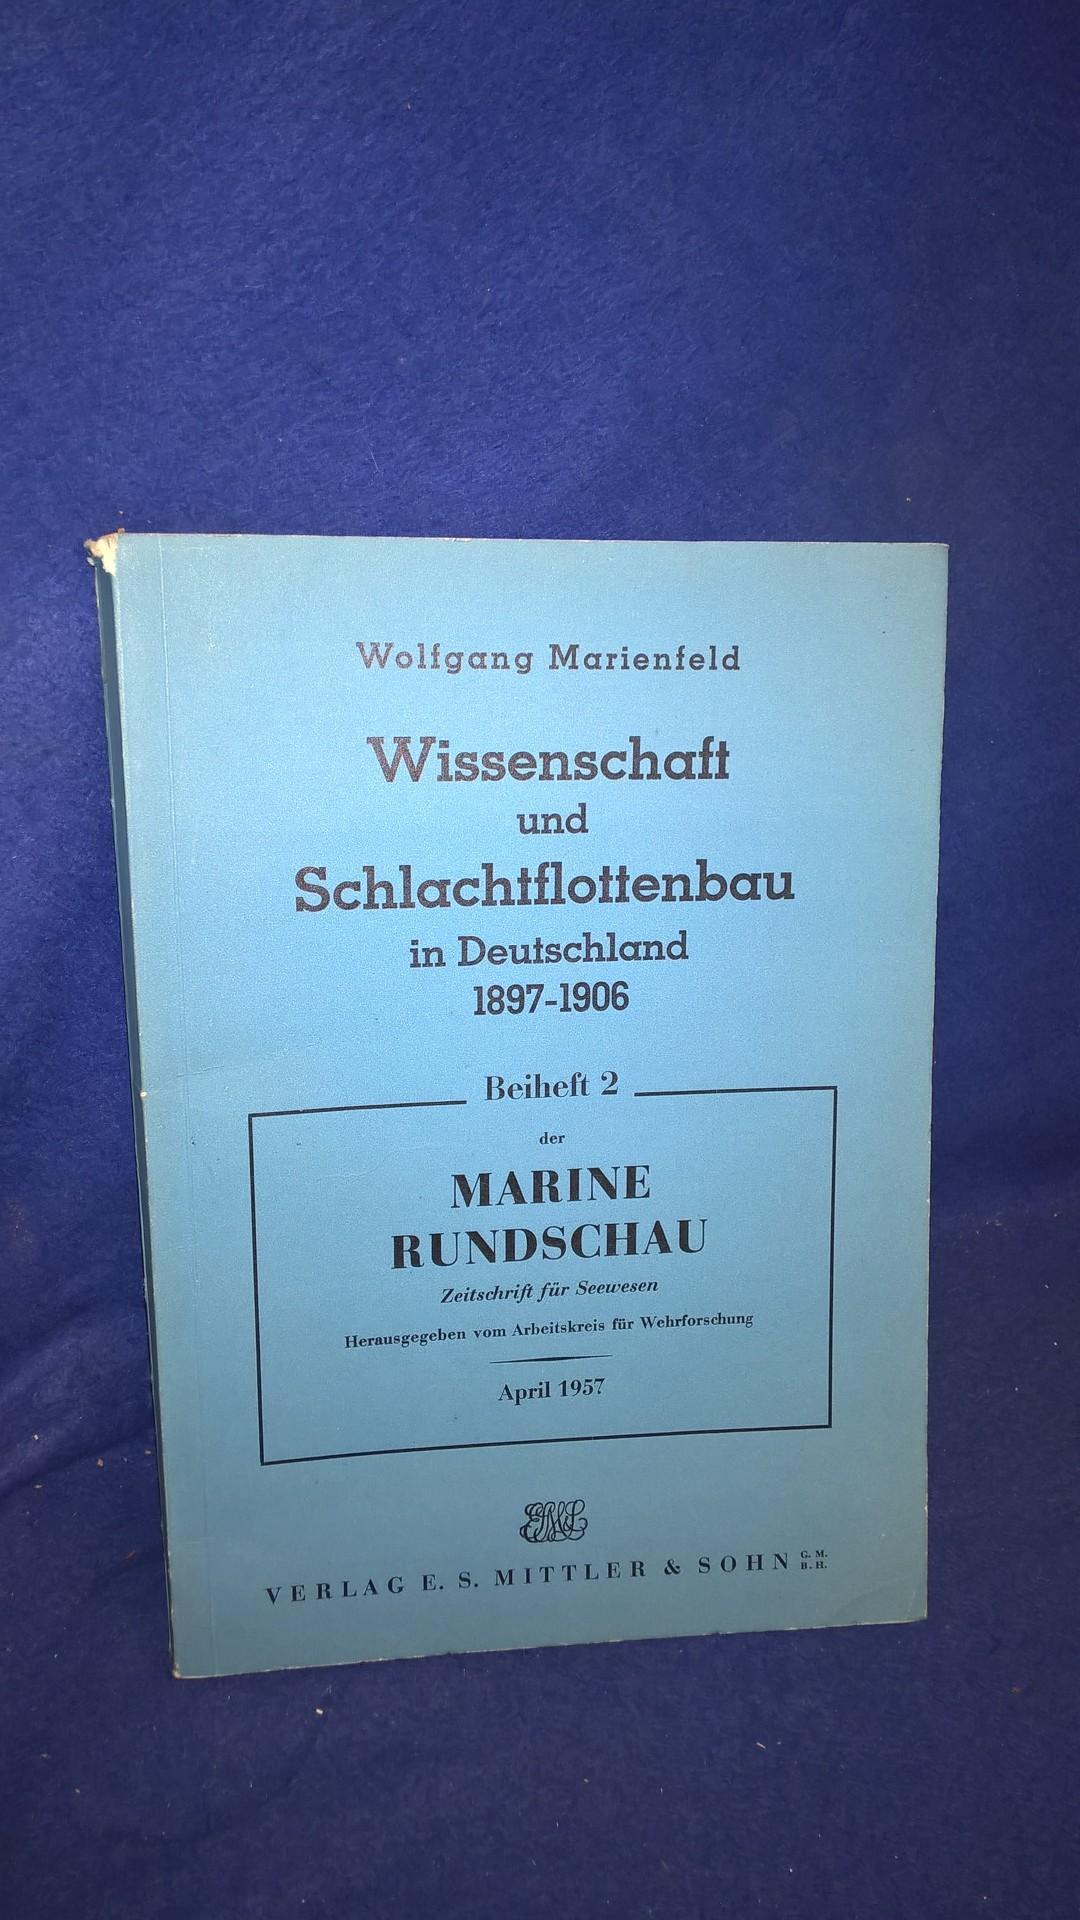 Wissenschaft und Schlachtflottenbau in Deutschland 1897 - 1906. Beiheft 2 der Marine-Rundschau.